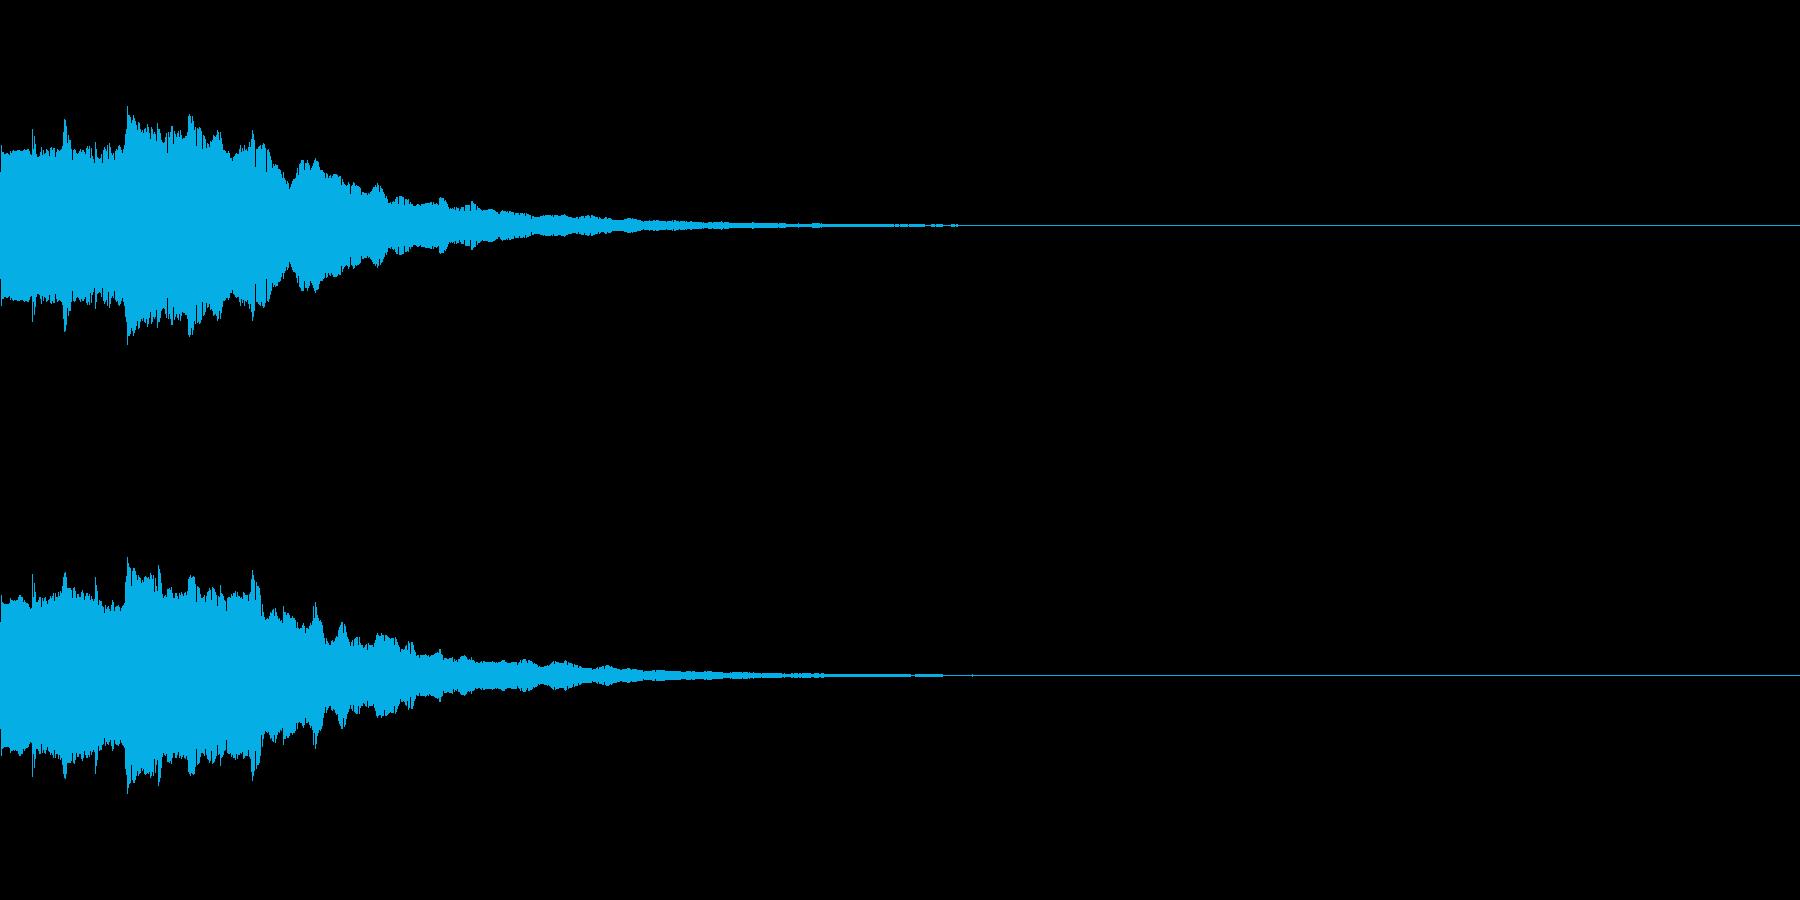 ピロロロロン 決定スタートボタンクリックの再生済みの波形